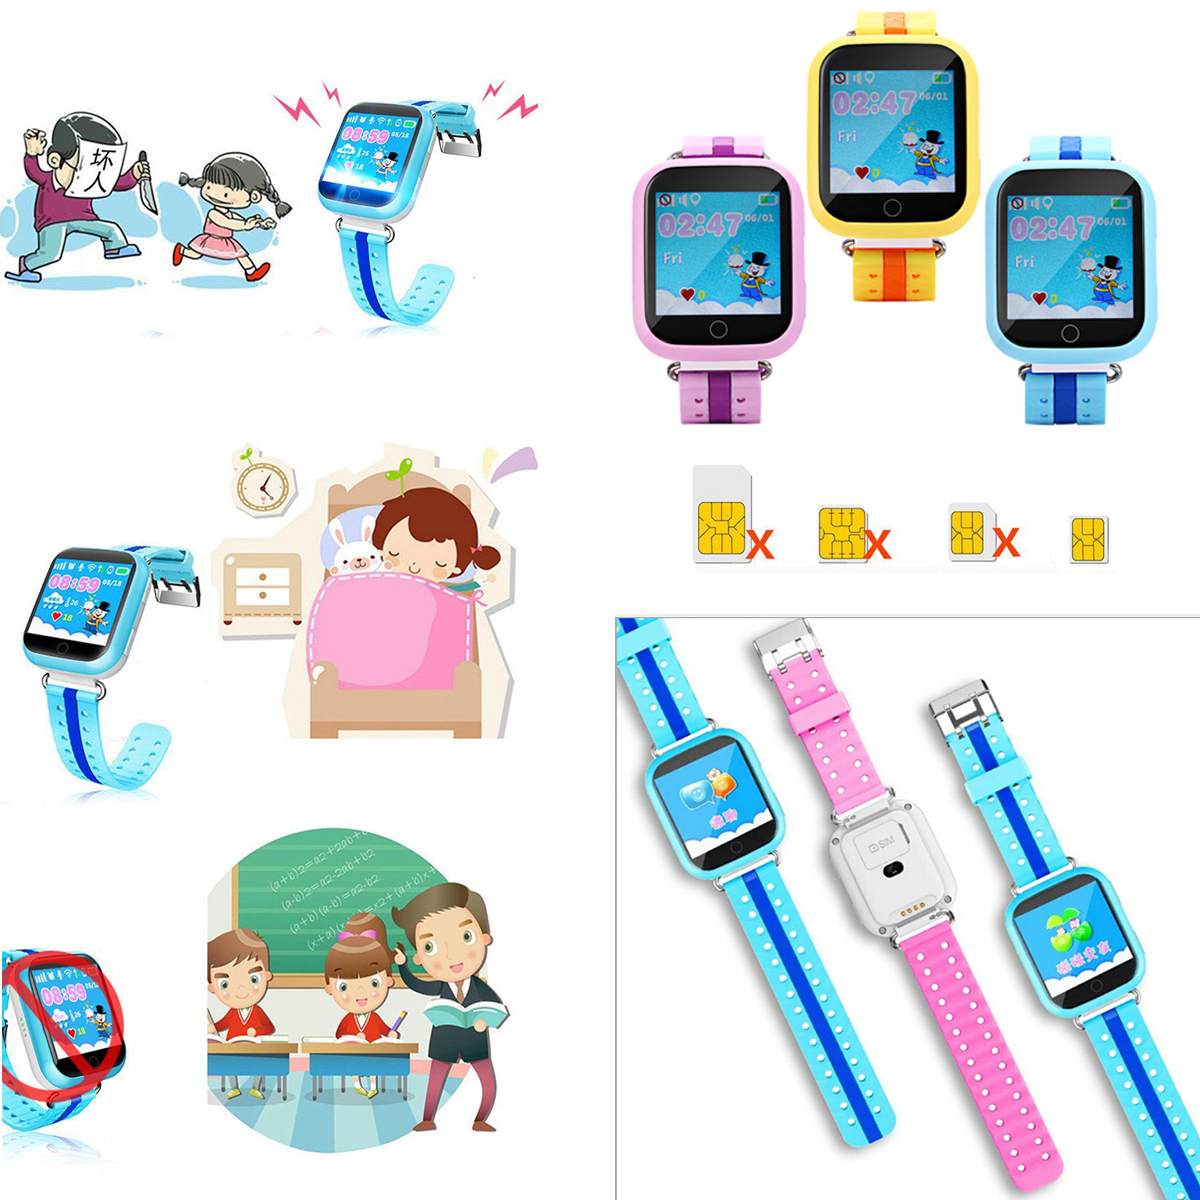 Enfants montre connectée Q750 IPS Coloré écran tactile GPS surveillance À Distance Podomètre D'apprentissage 2G SIM carte Pour Android IOS